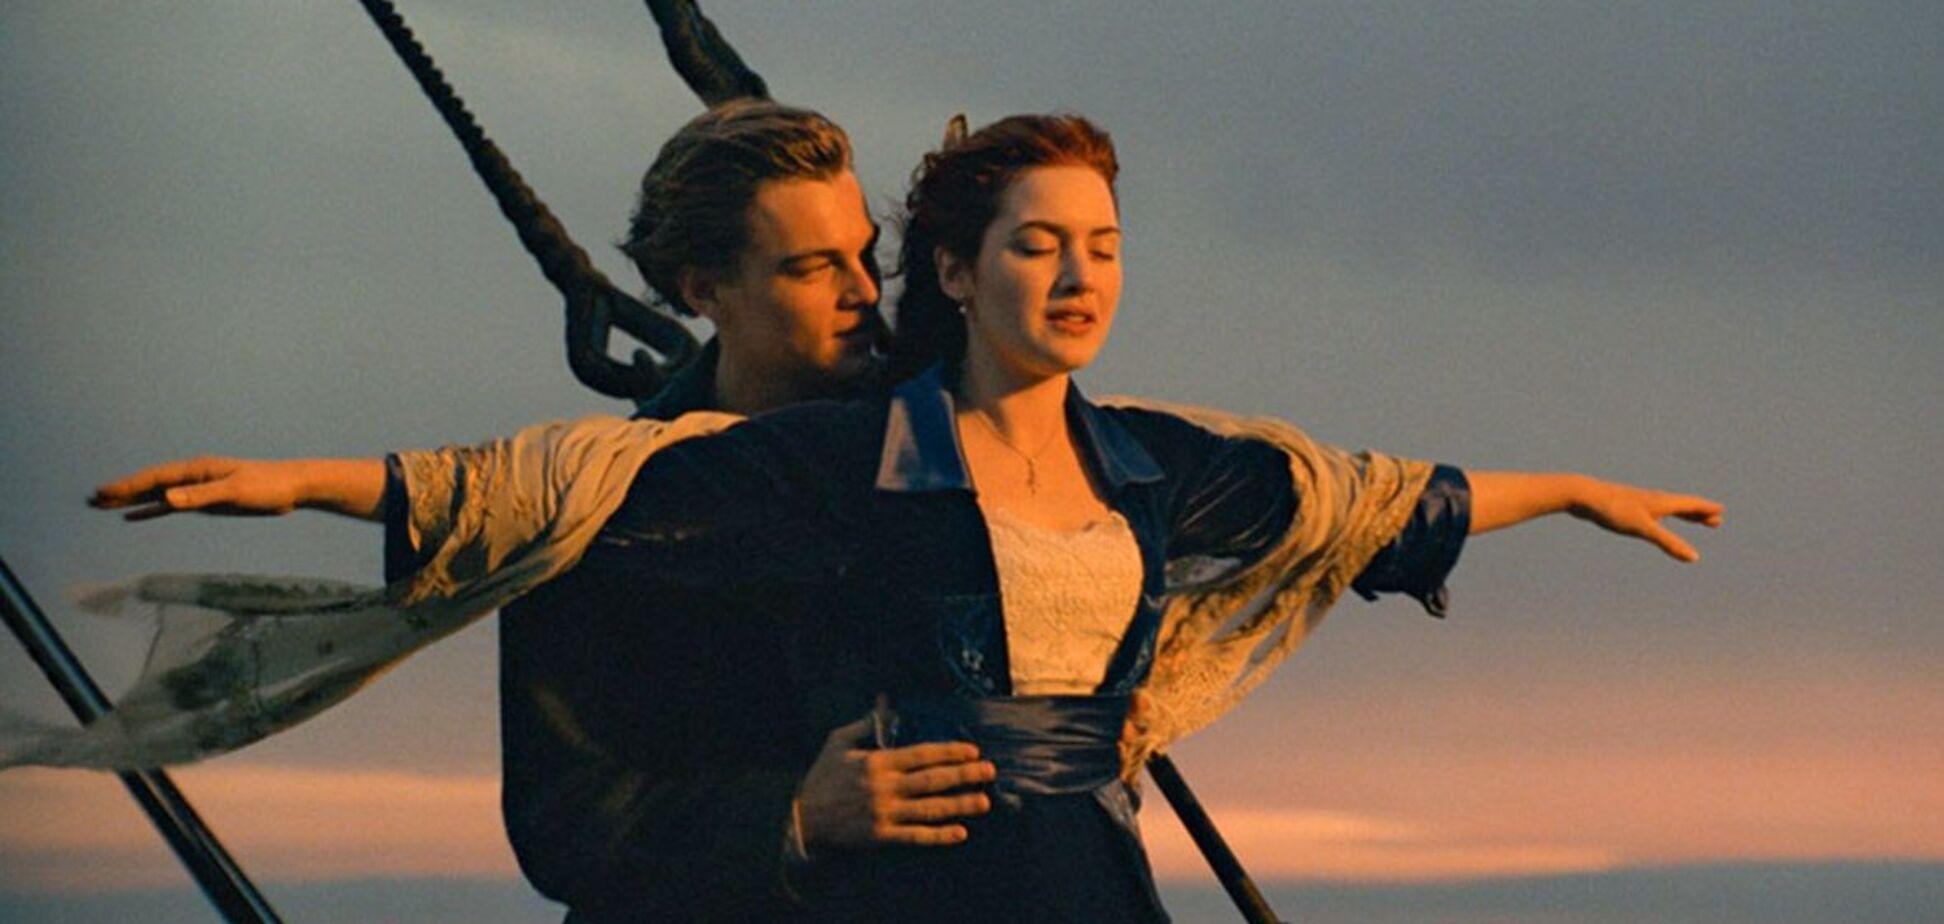 Стало известно о скрытом смысле фильма 'Титаник'